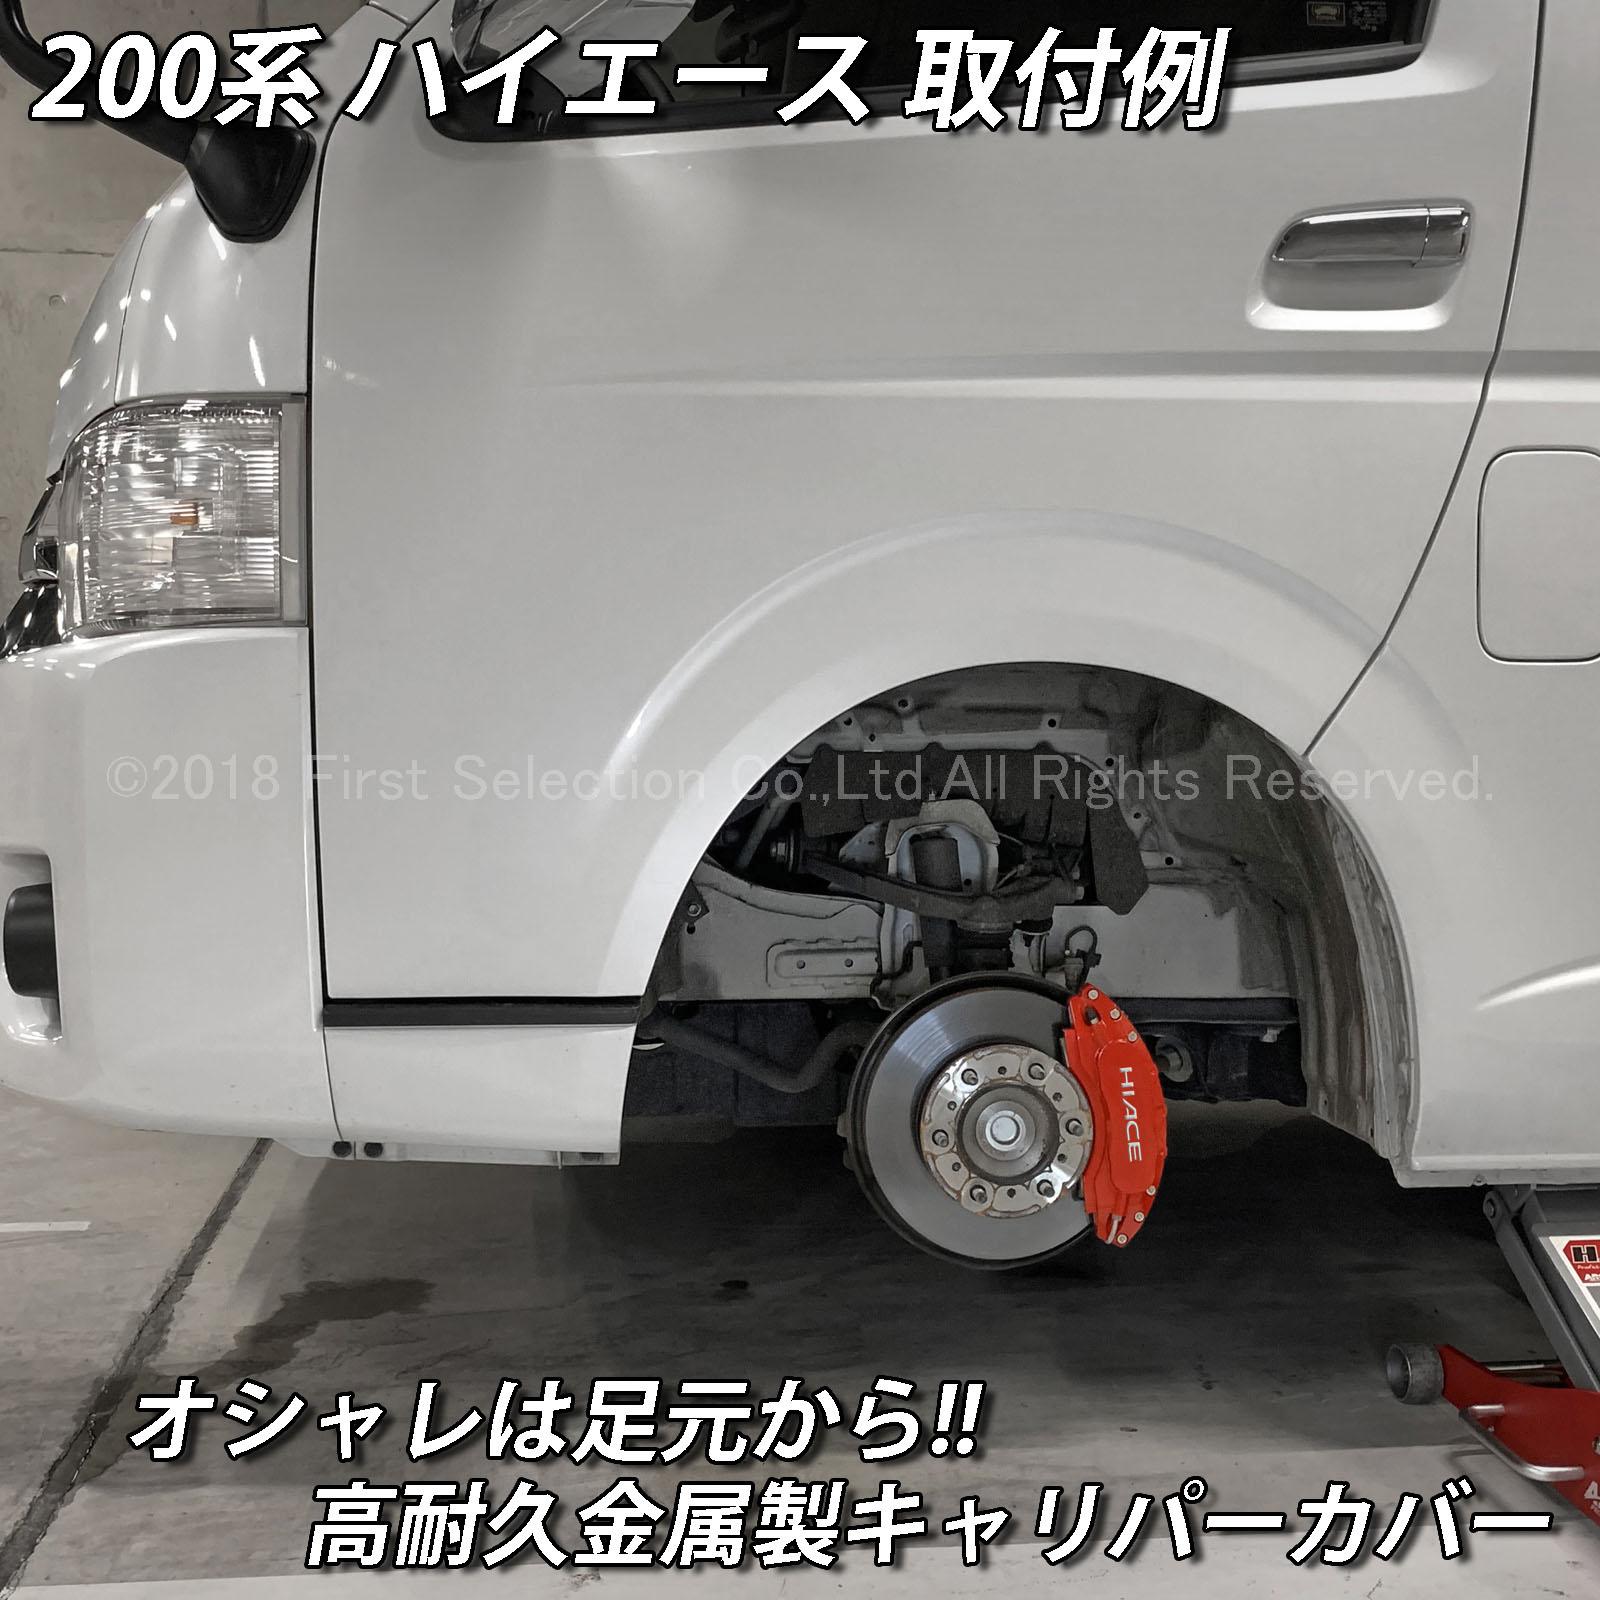 トヨタ車 HIACEロゴ銀文字 ハイエース200系用 高耐久金属製キャリパーカバーセット赤 200ハイエース TRH214W TRH219W TRH224W TRH229W DX GL